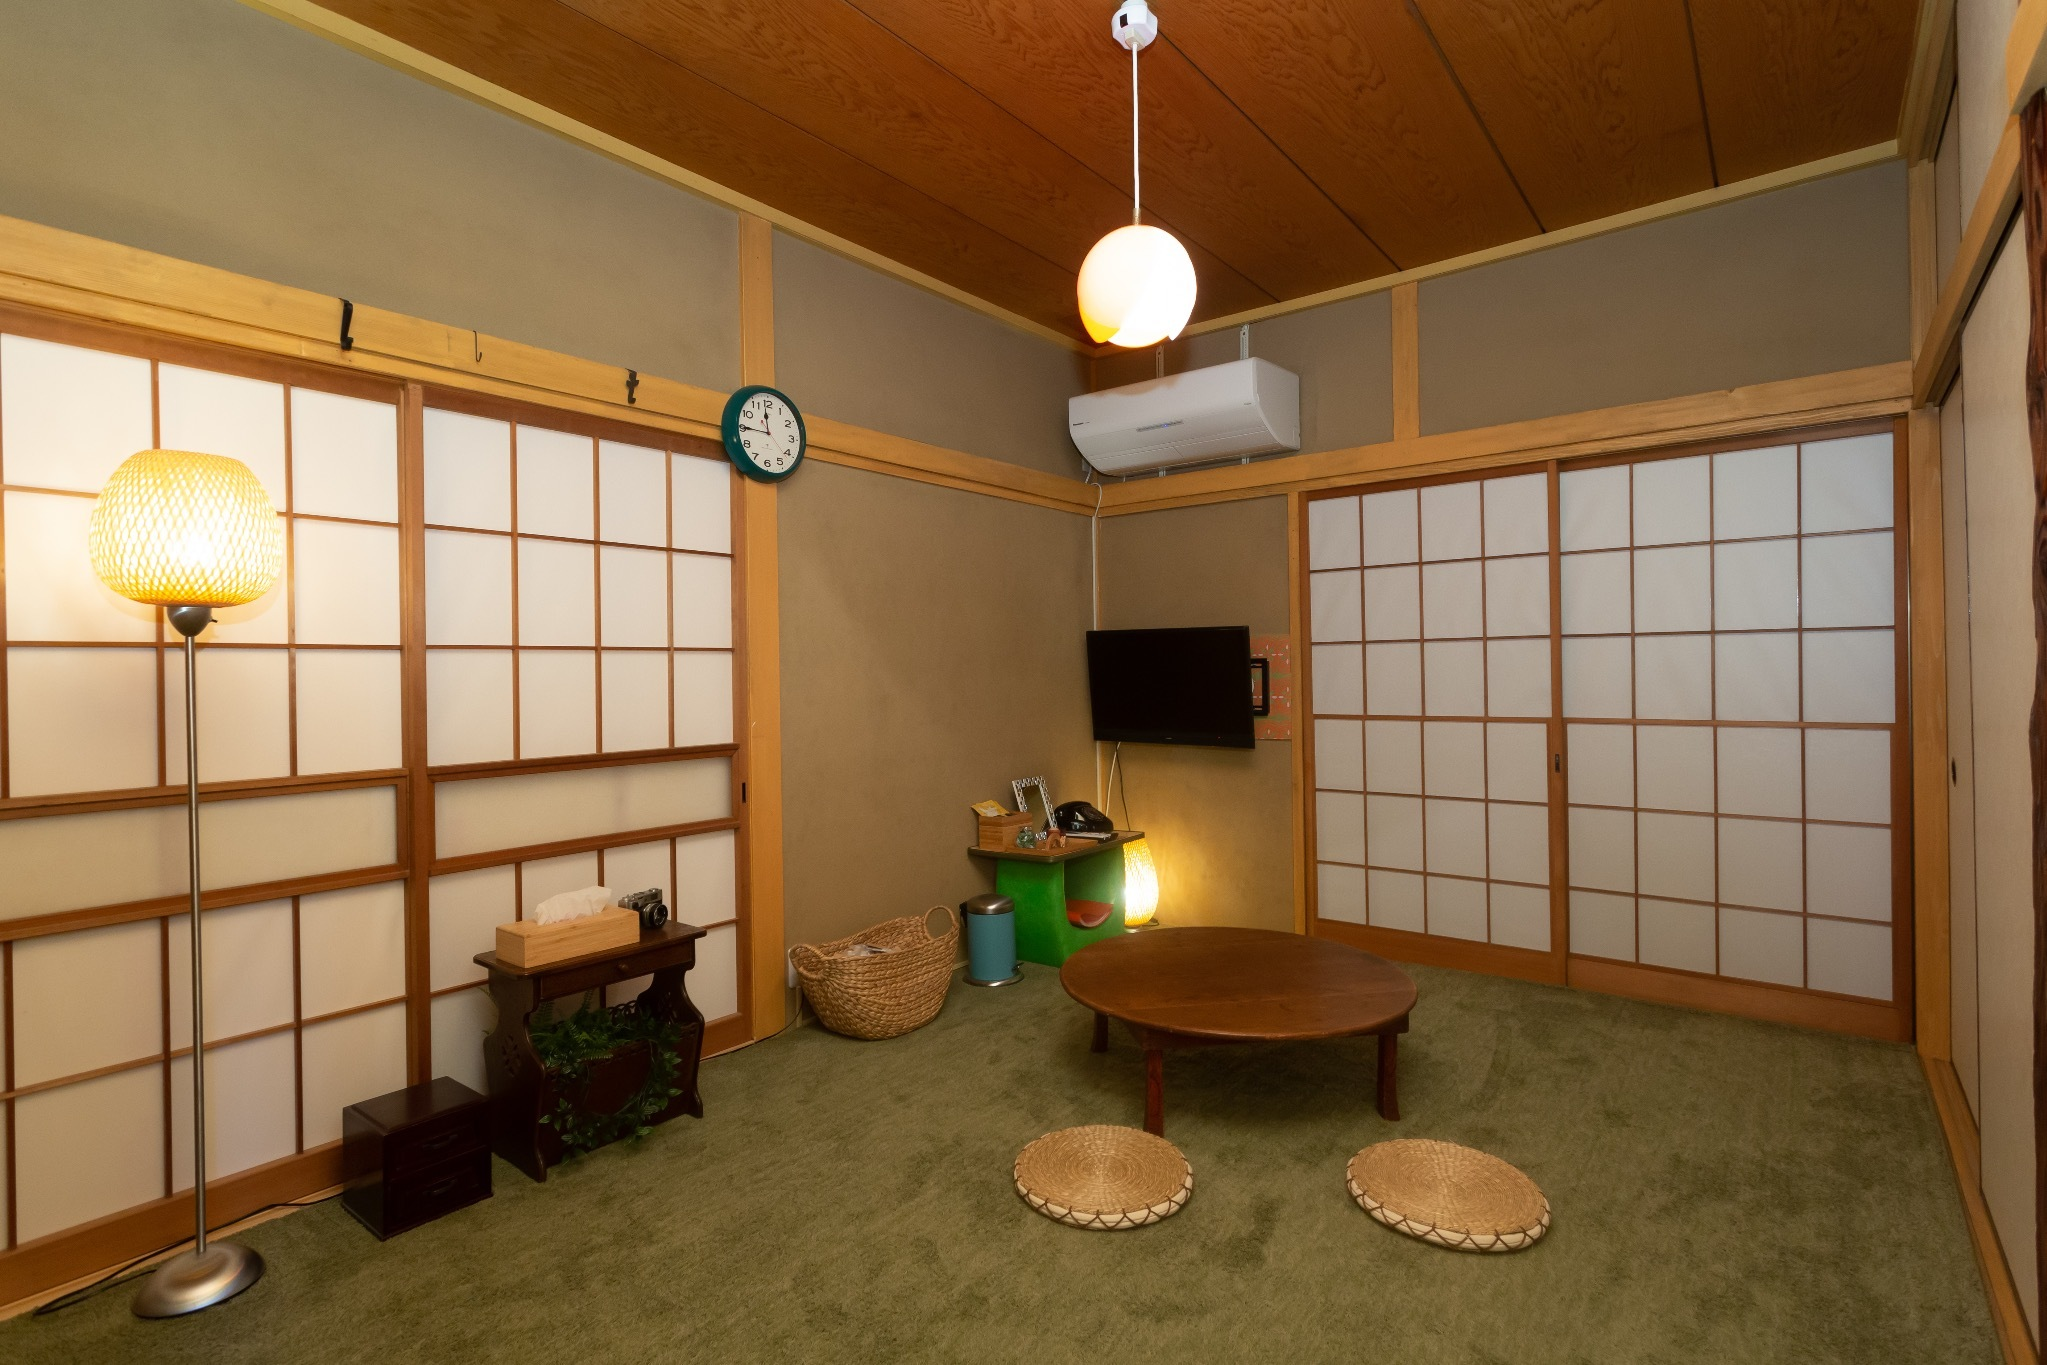 駅から3分 箱根、小田原の観光の拠点に最適 昭和レトロなお部屋